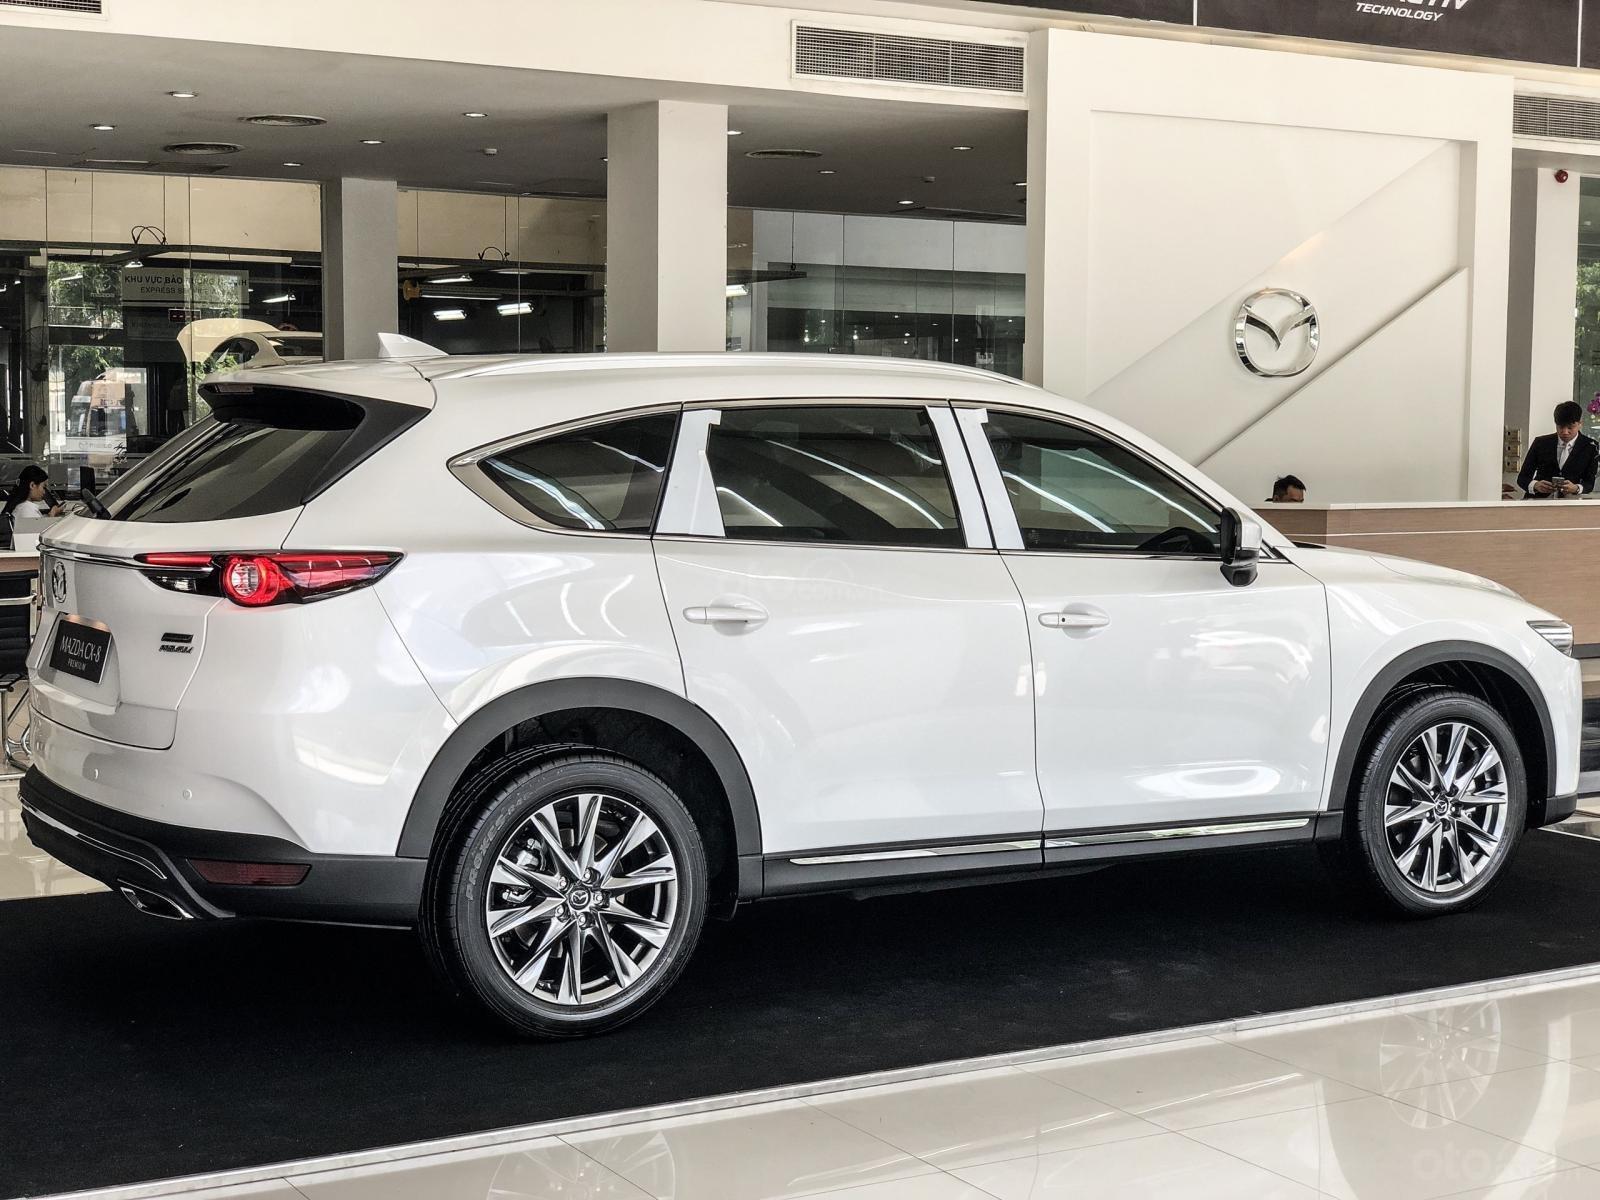 Mazda SUV 7 chỗ CX8 đủ màu, giảm giá + quà tặng, chỉ 314tr nhận xe ngay- Hỗ trợ mọi thủ tục và giao xe tận nhà (20)